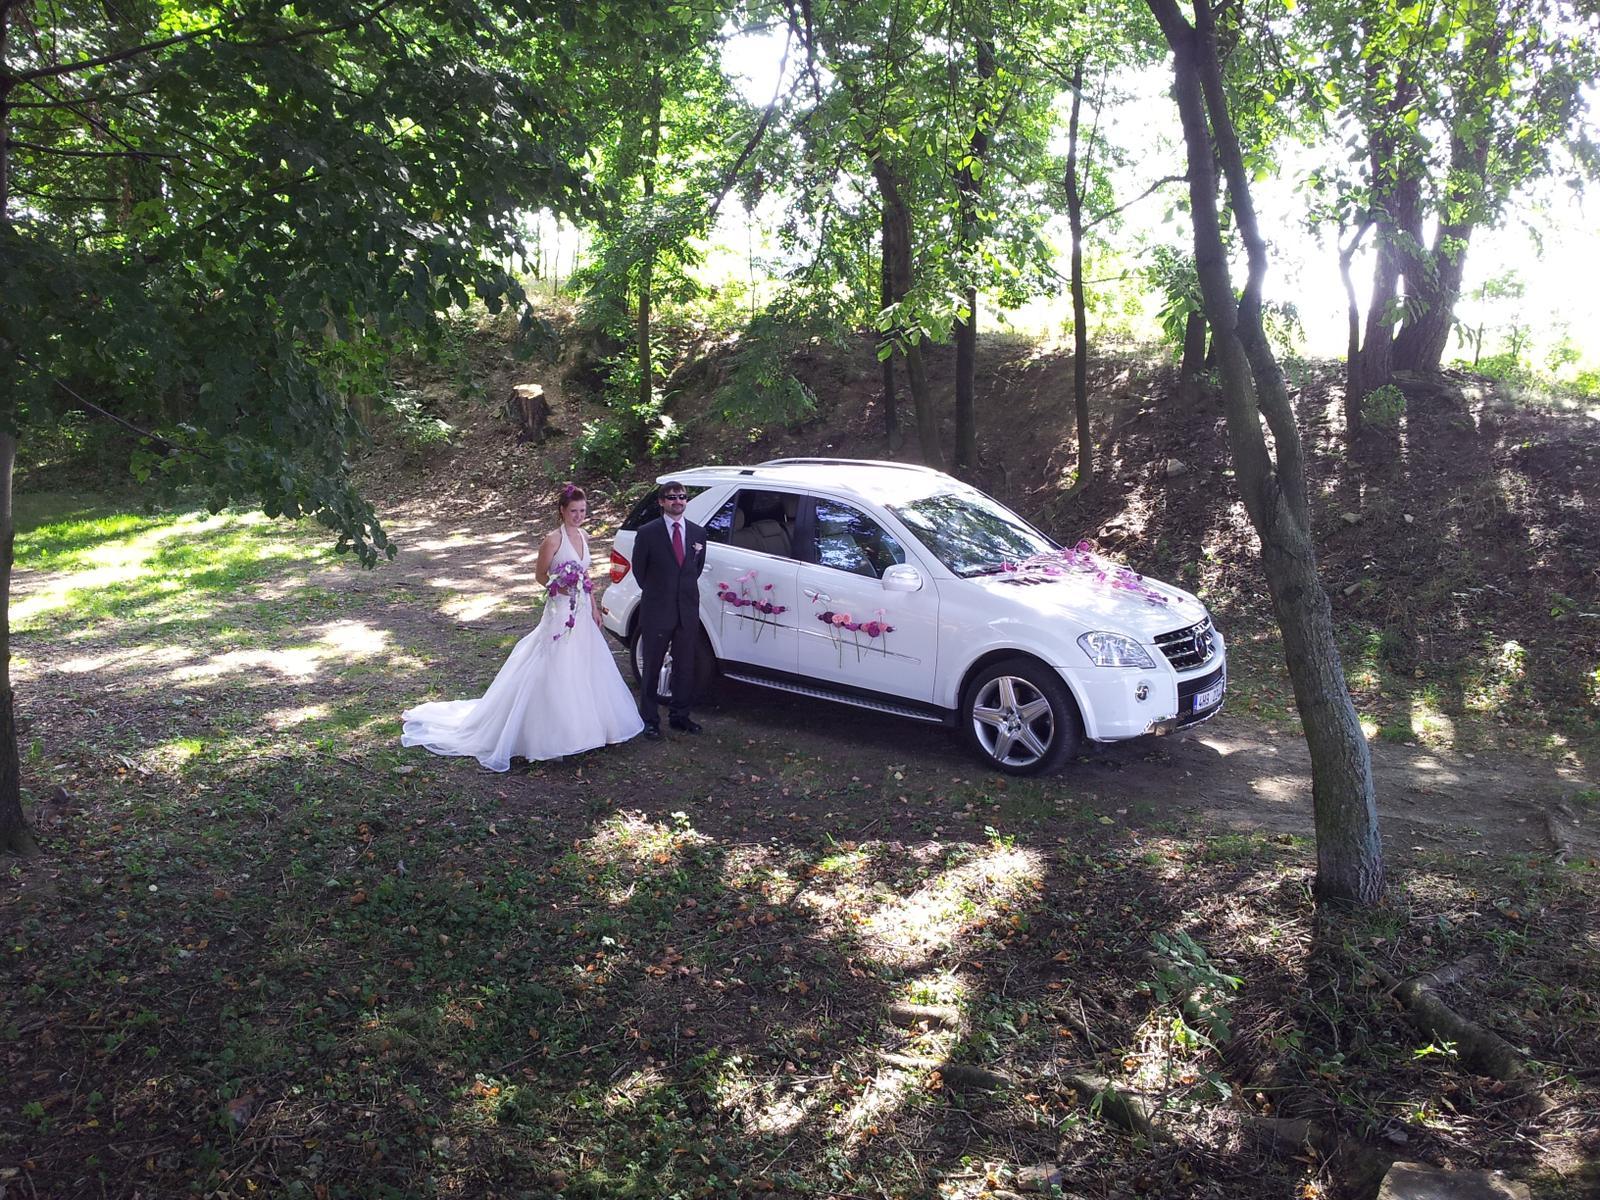 Cim Jedete Na Svatbu Svatebni Auto